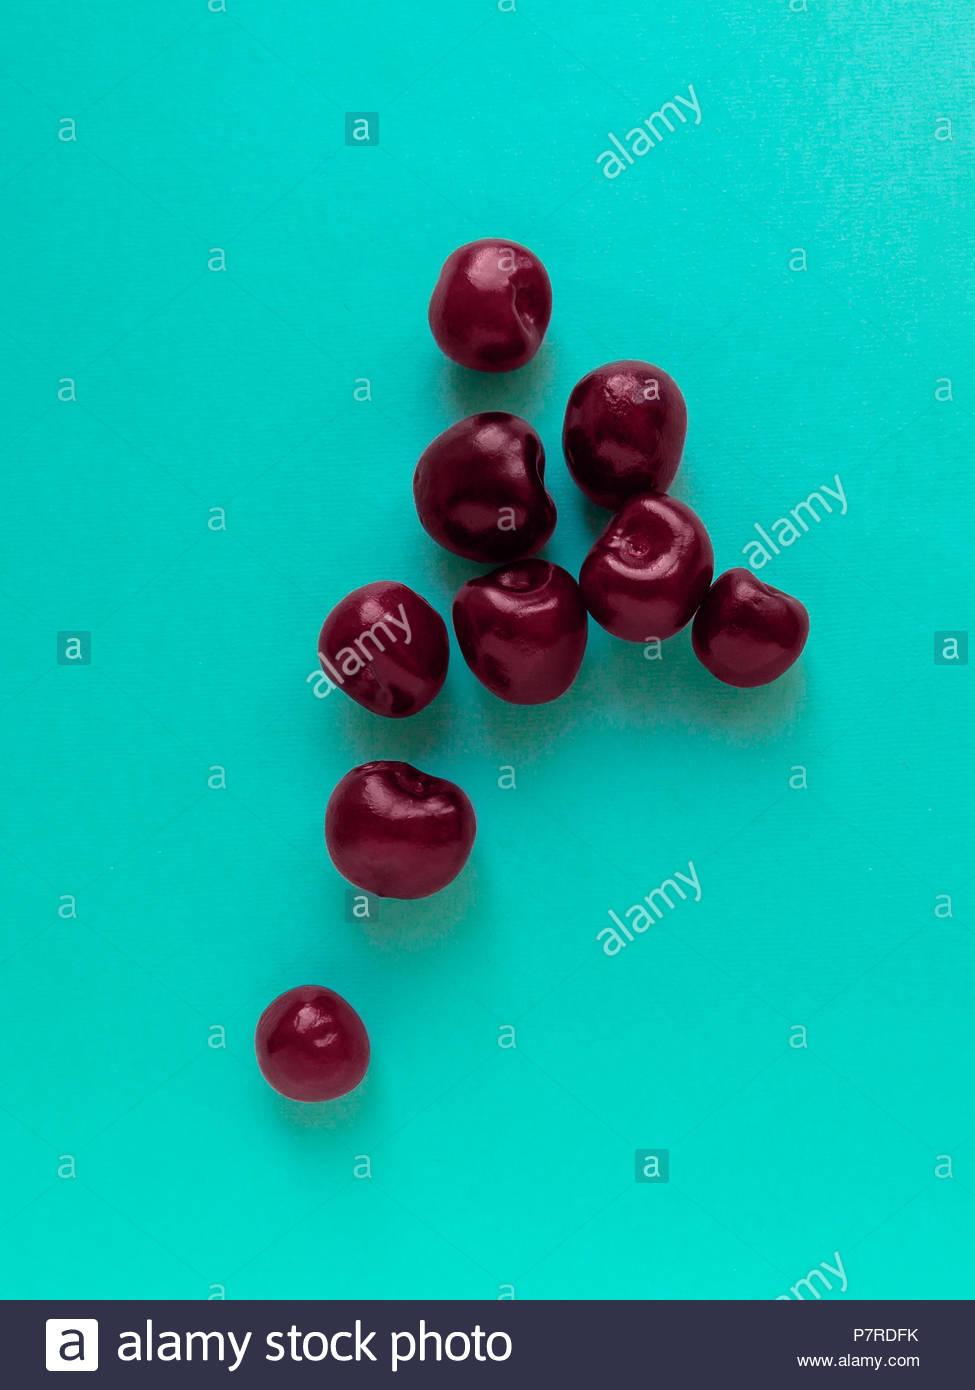 Cherry Draufsicht Viele reifen Kirschen auf blauem Hintergrund liegen flach Foto Stockbild